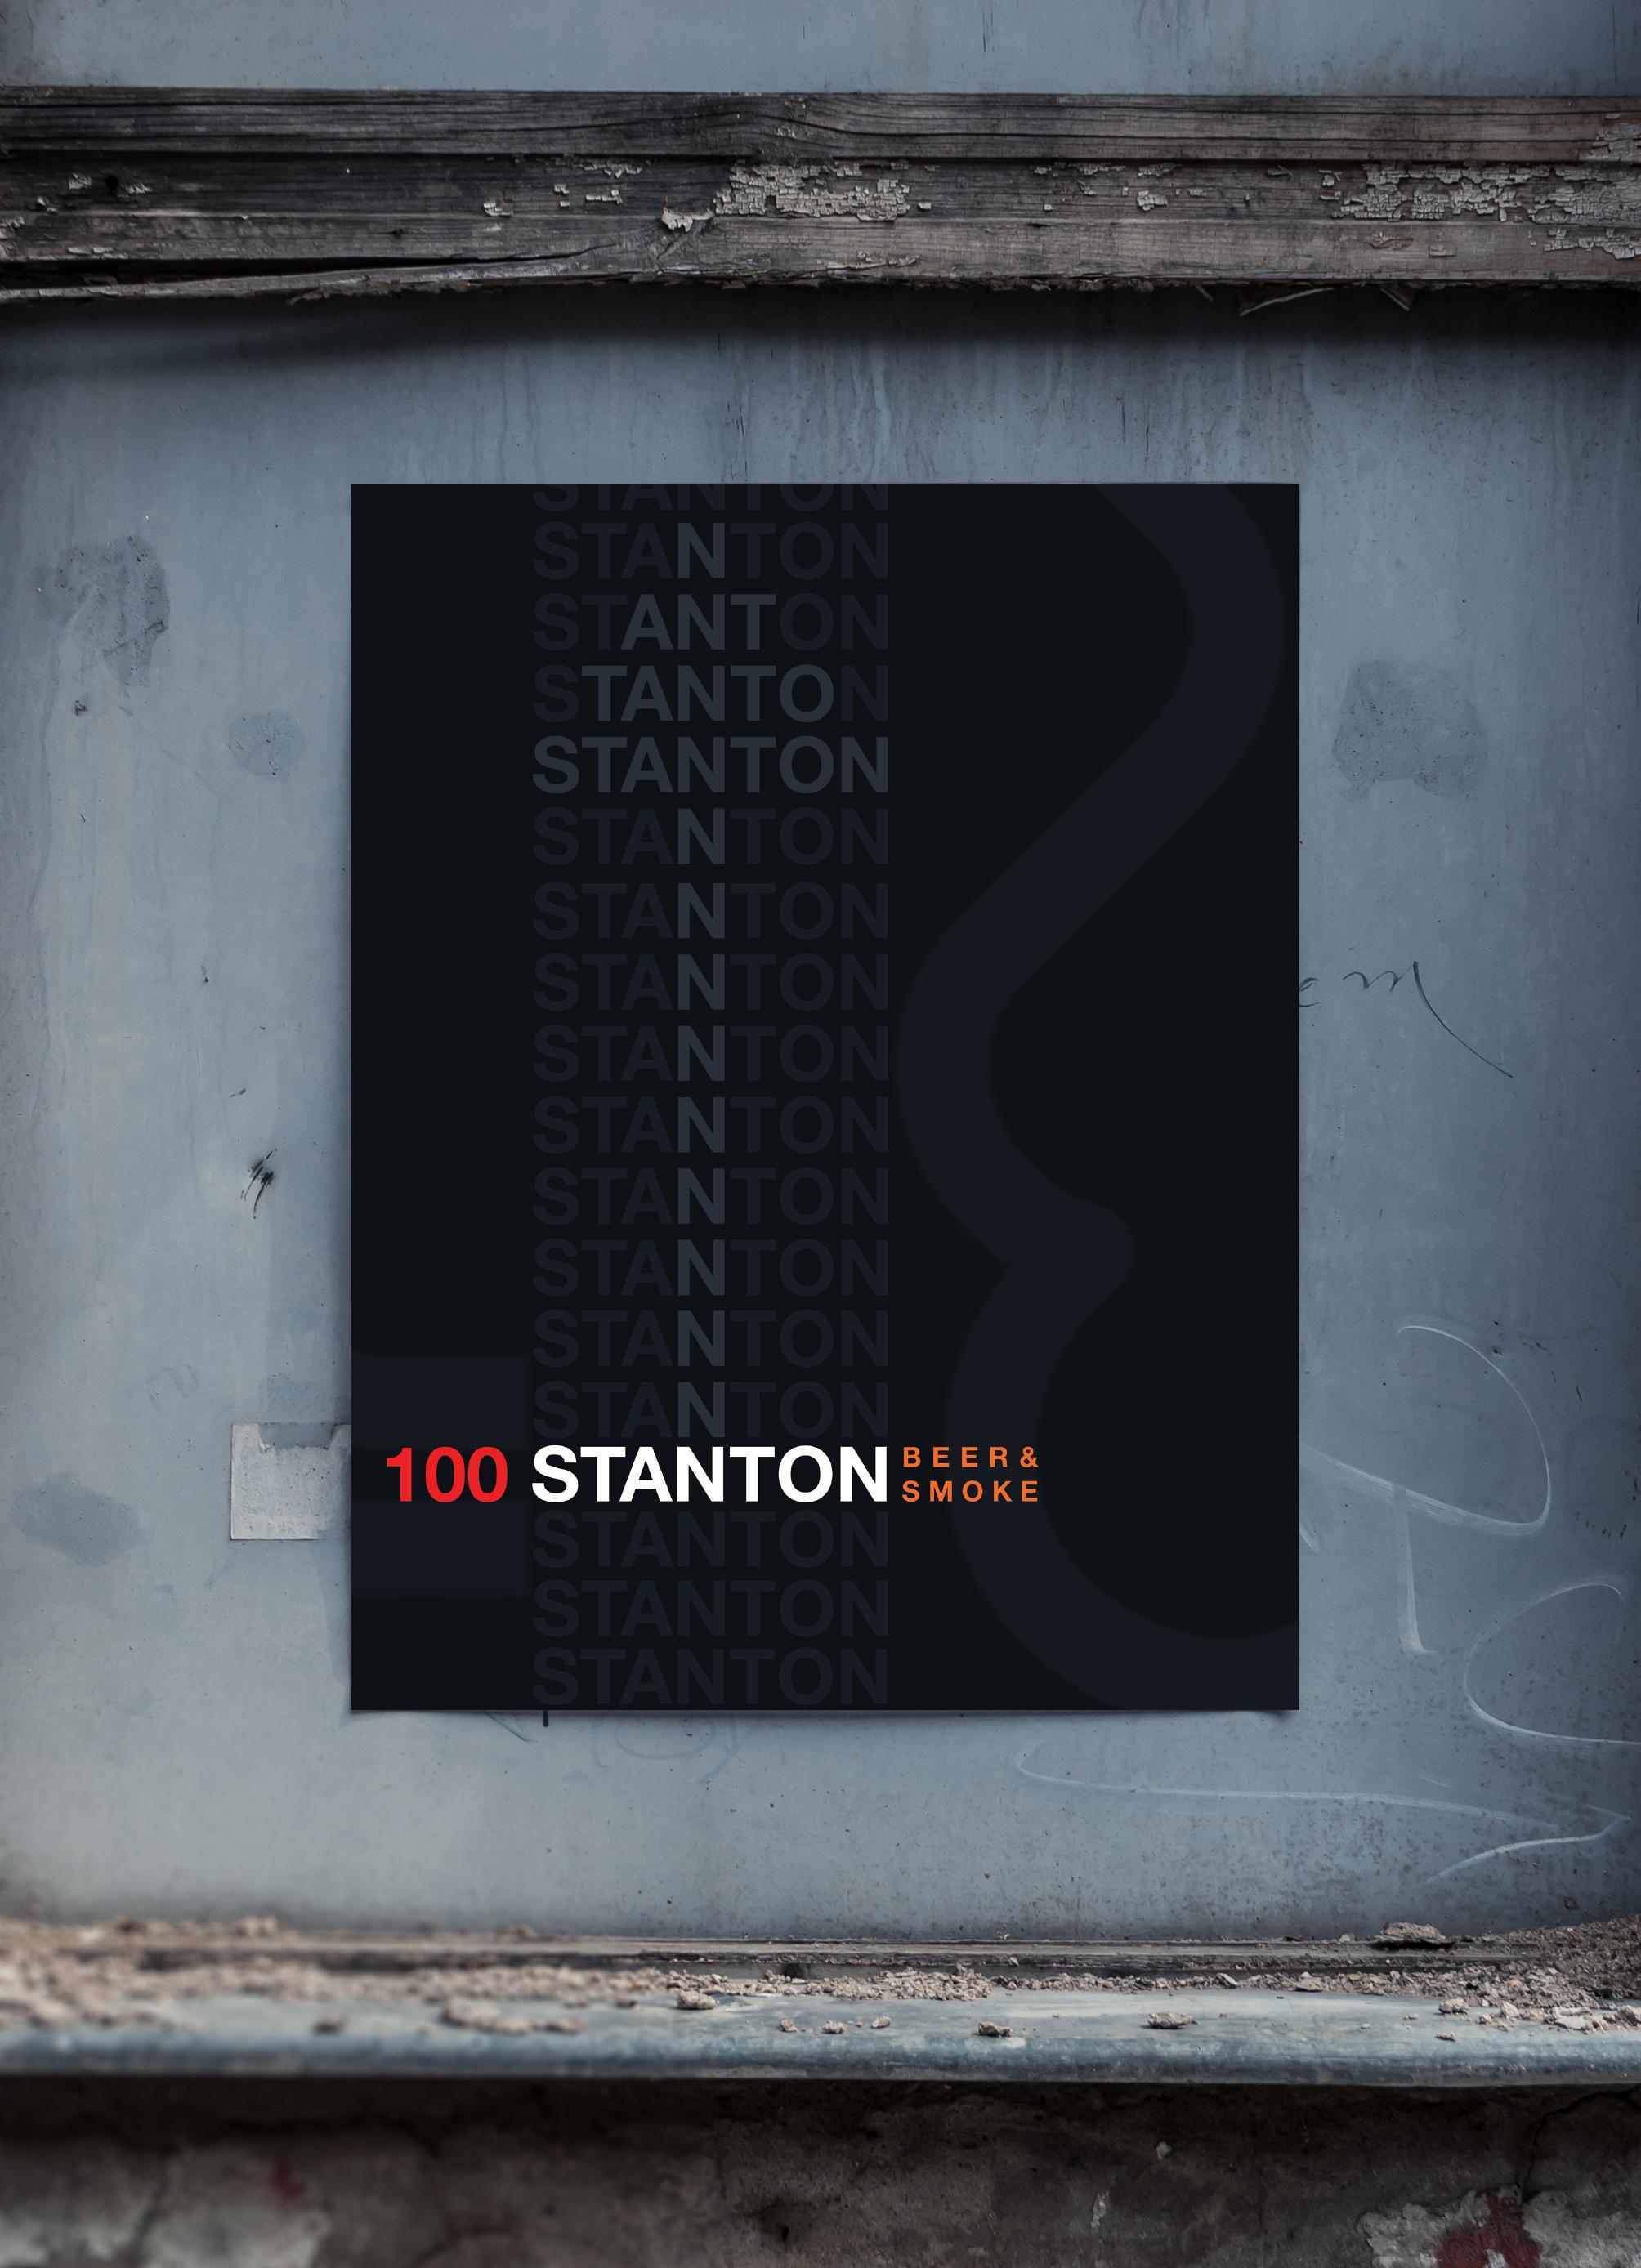 100 stanton